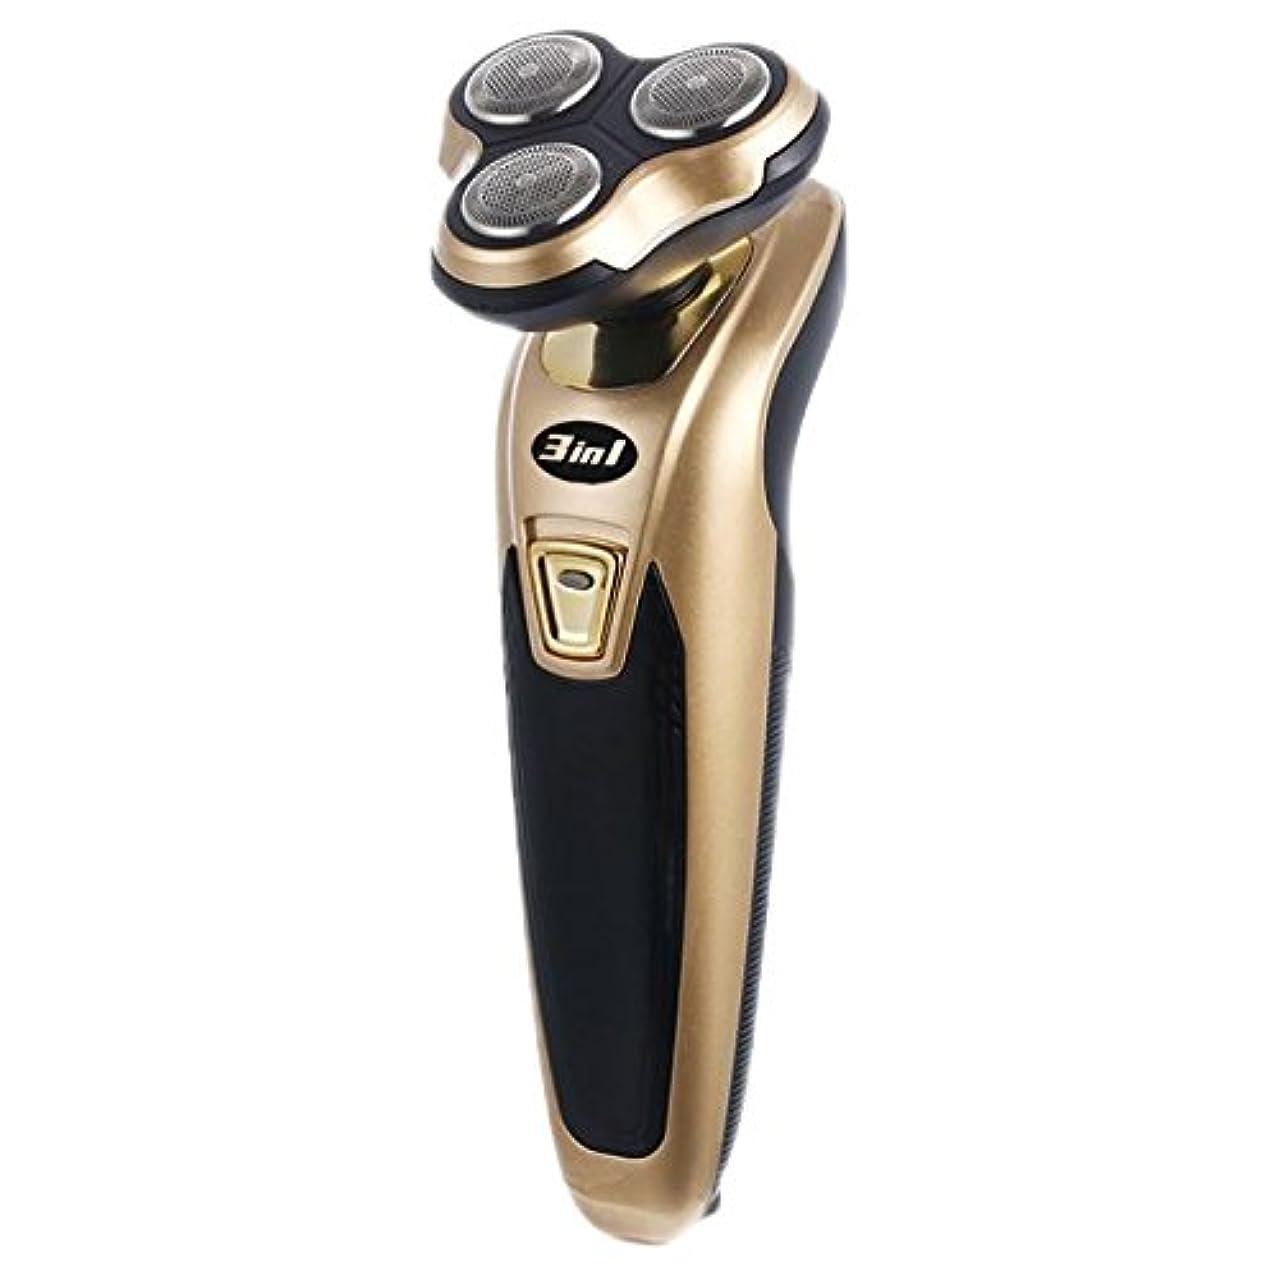 ずらすコメンテーターペインティング【3in1】髭剃り、鼻毛カッター、ヘアトリマーの3機能シェーバー